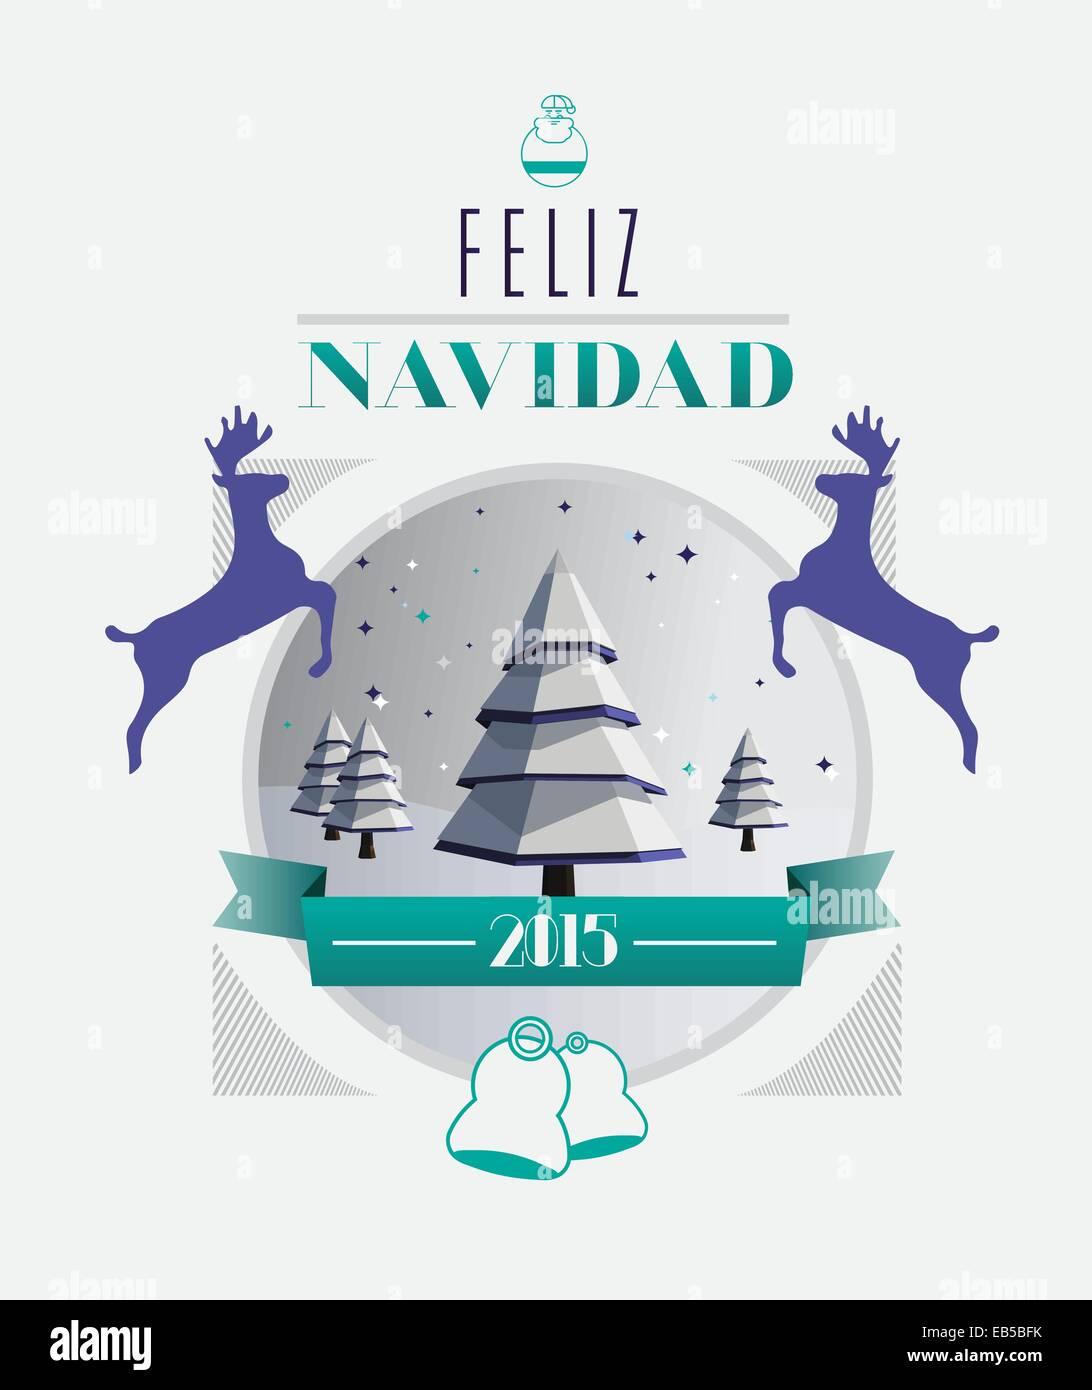 Feliz Navidad 2015 Mensaje con ilustraciones Imagen De Stock